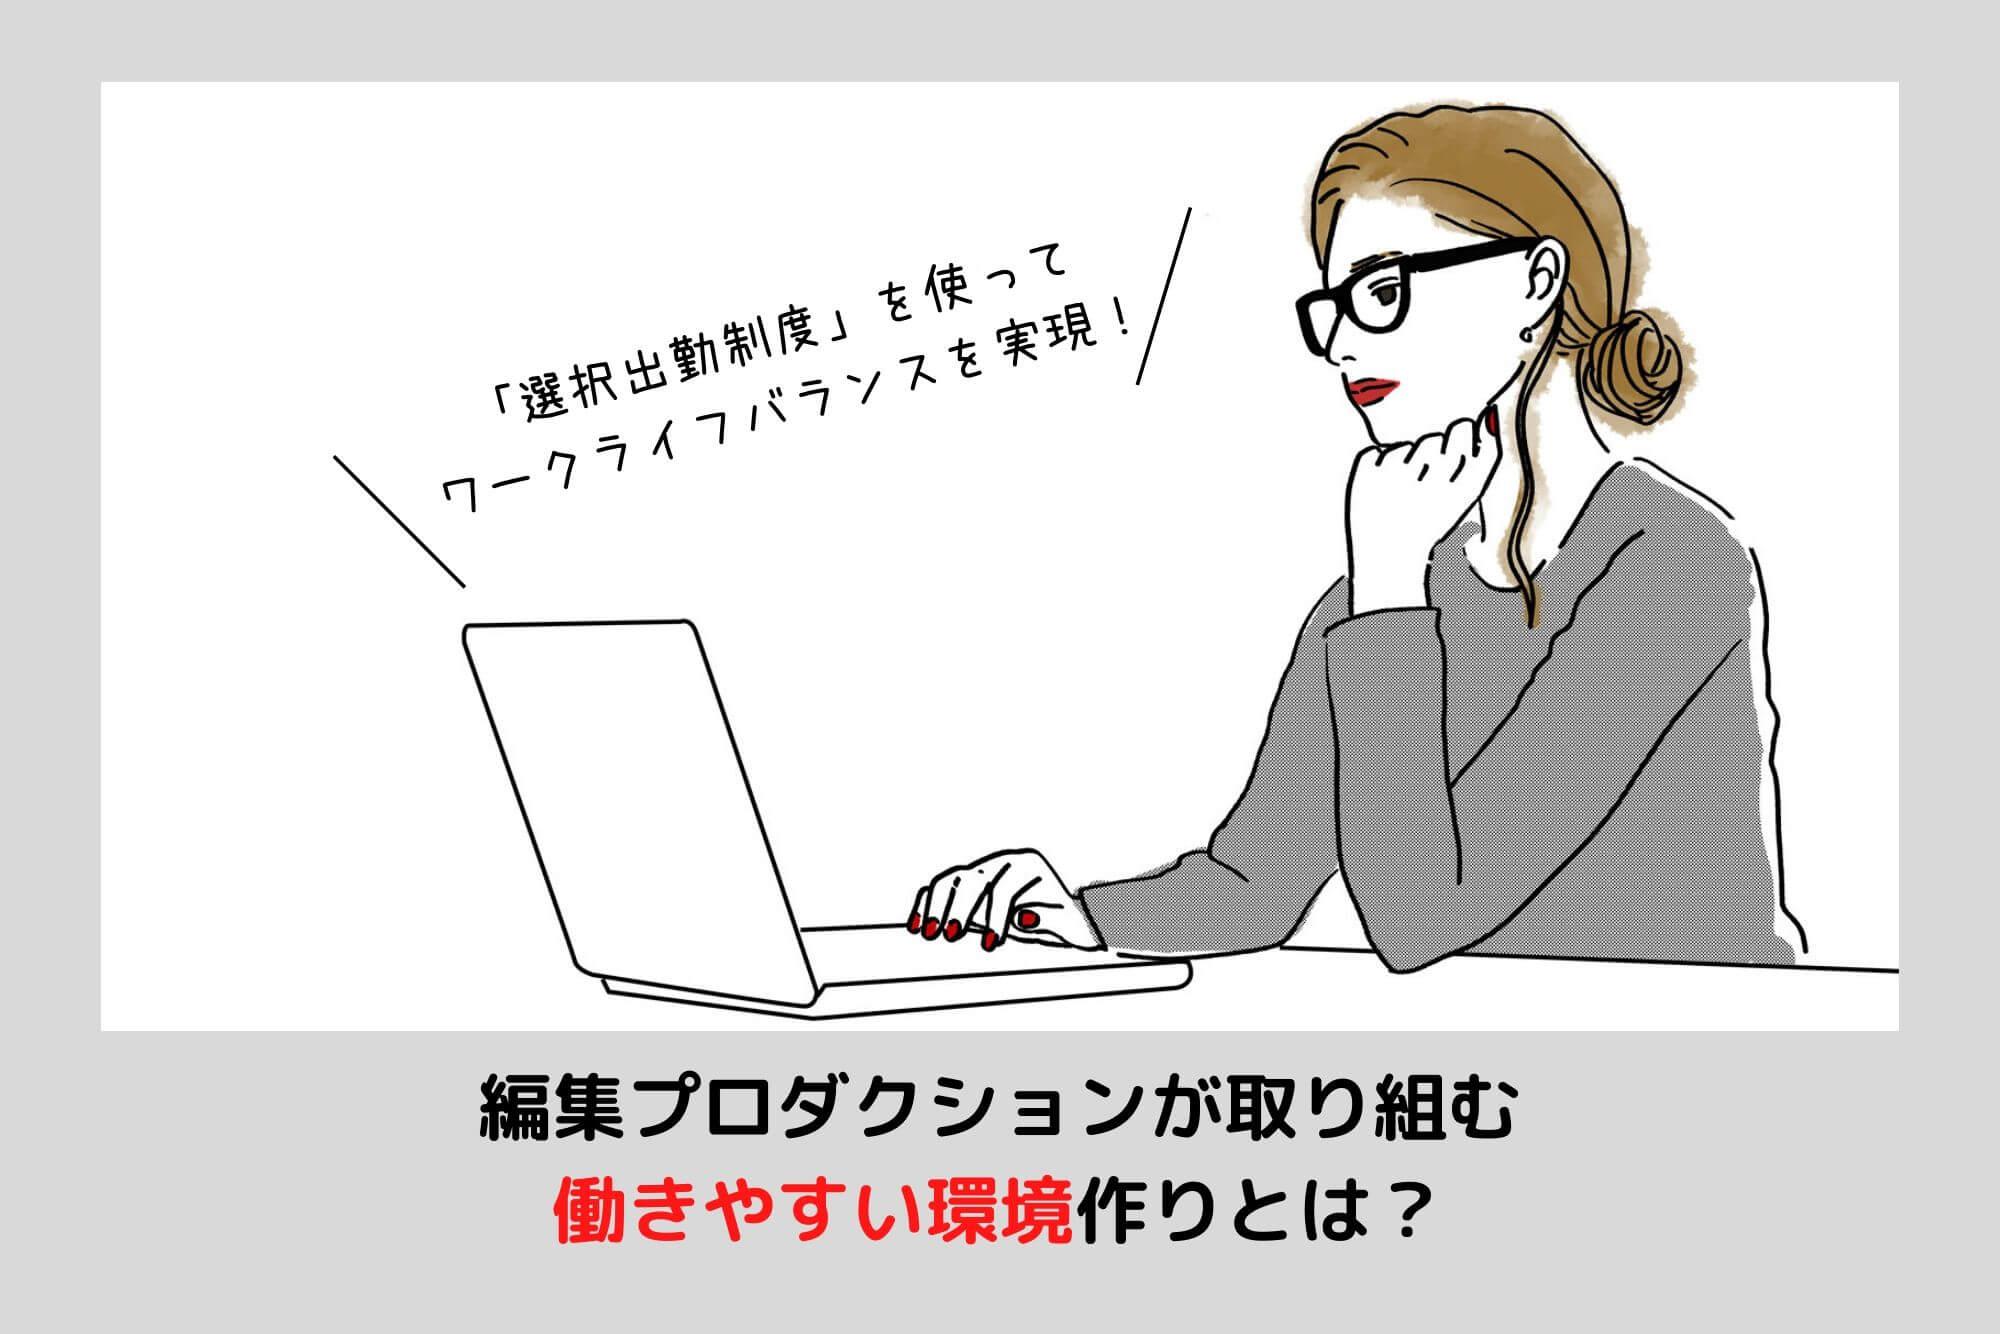 女性がパソコンの画面を眺めている